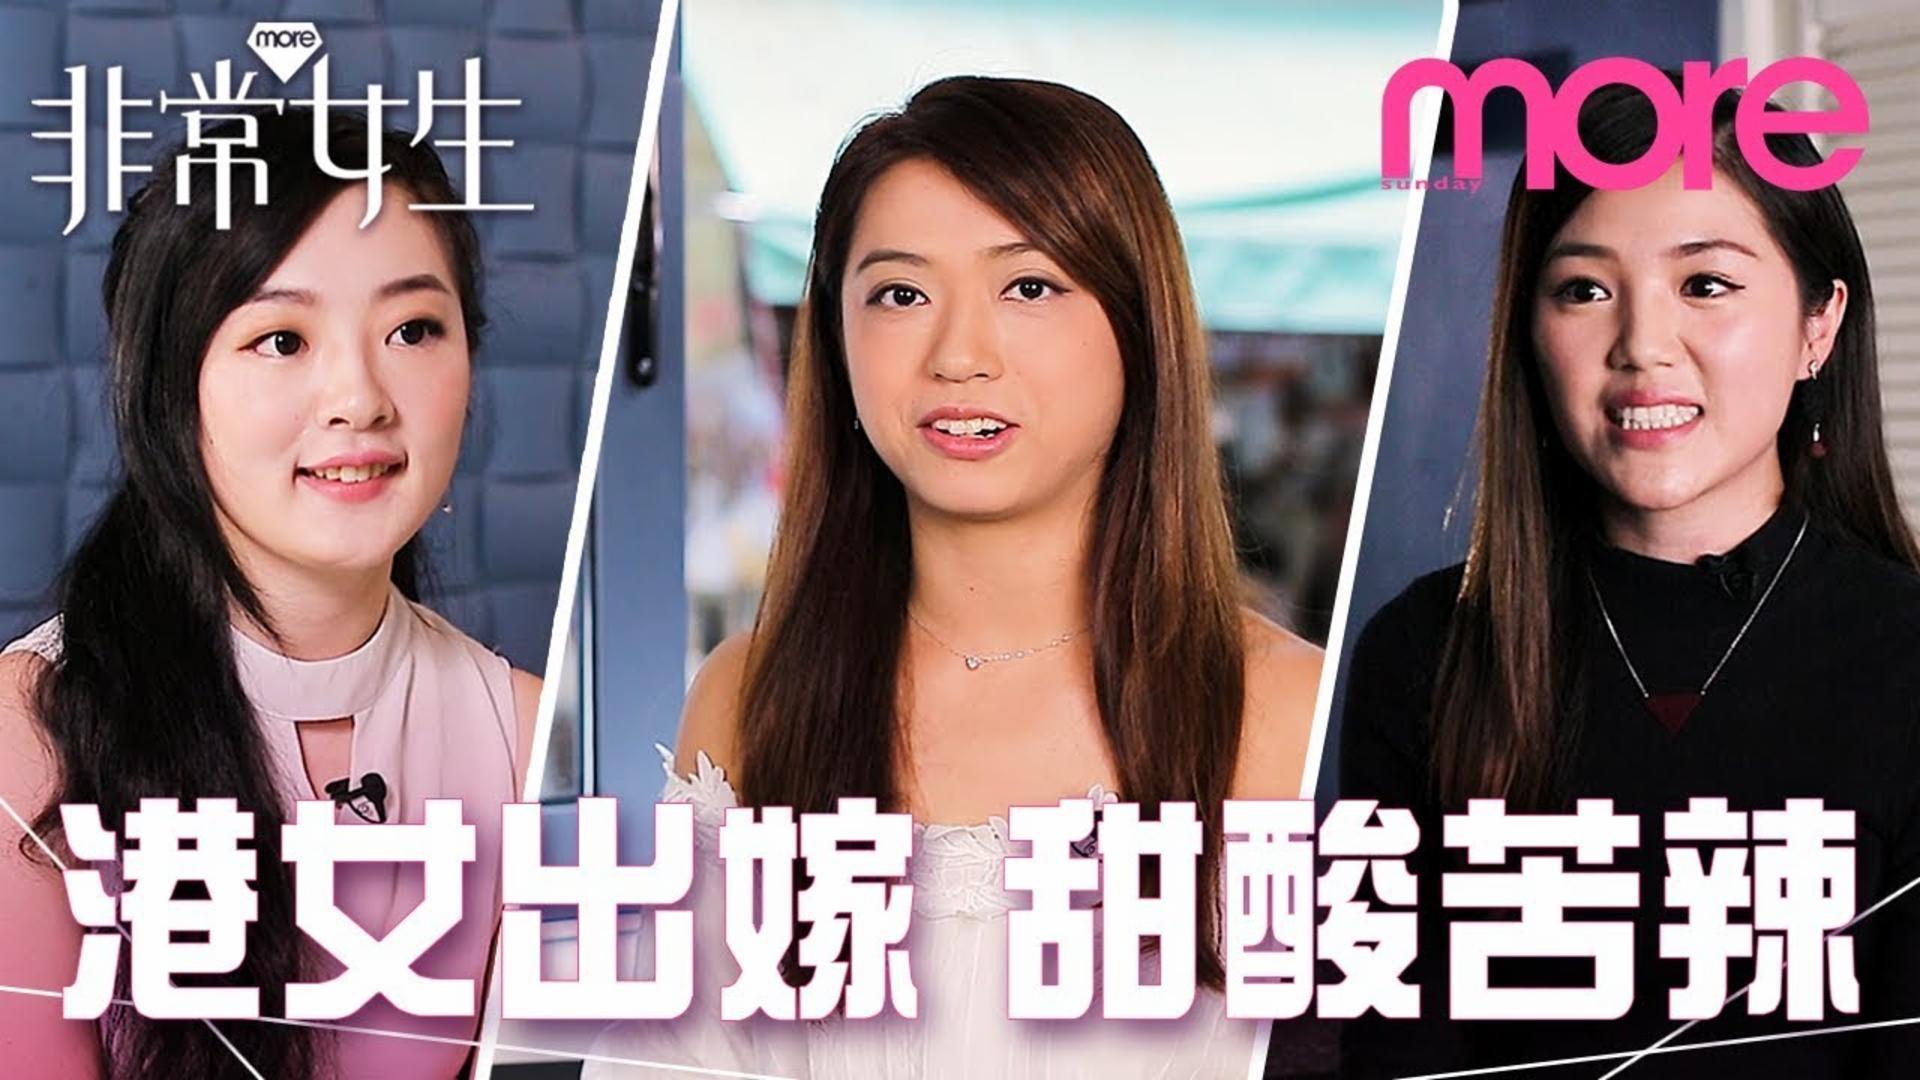 結婚萬歲! 3位香港女生待嫁的愛與痛 待嫁新娘 【非常女生】Ep.4